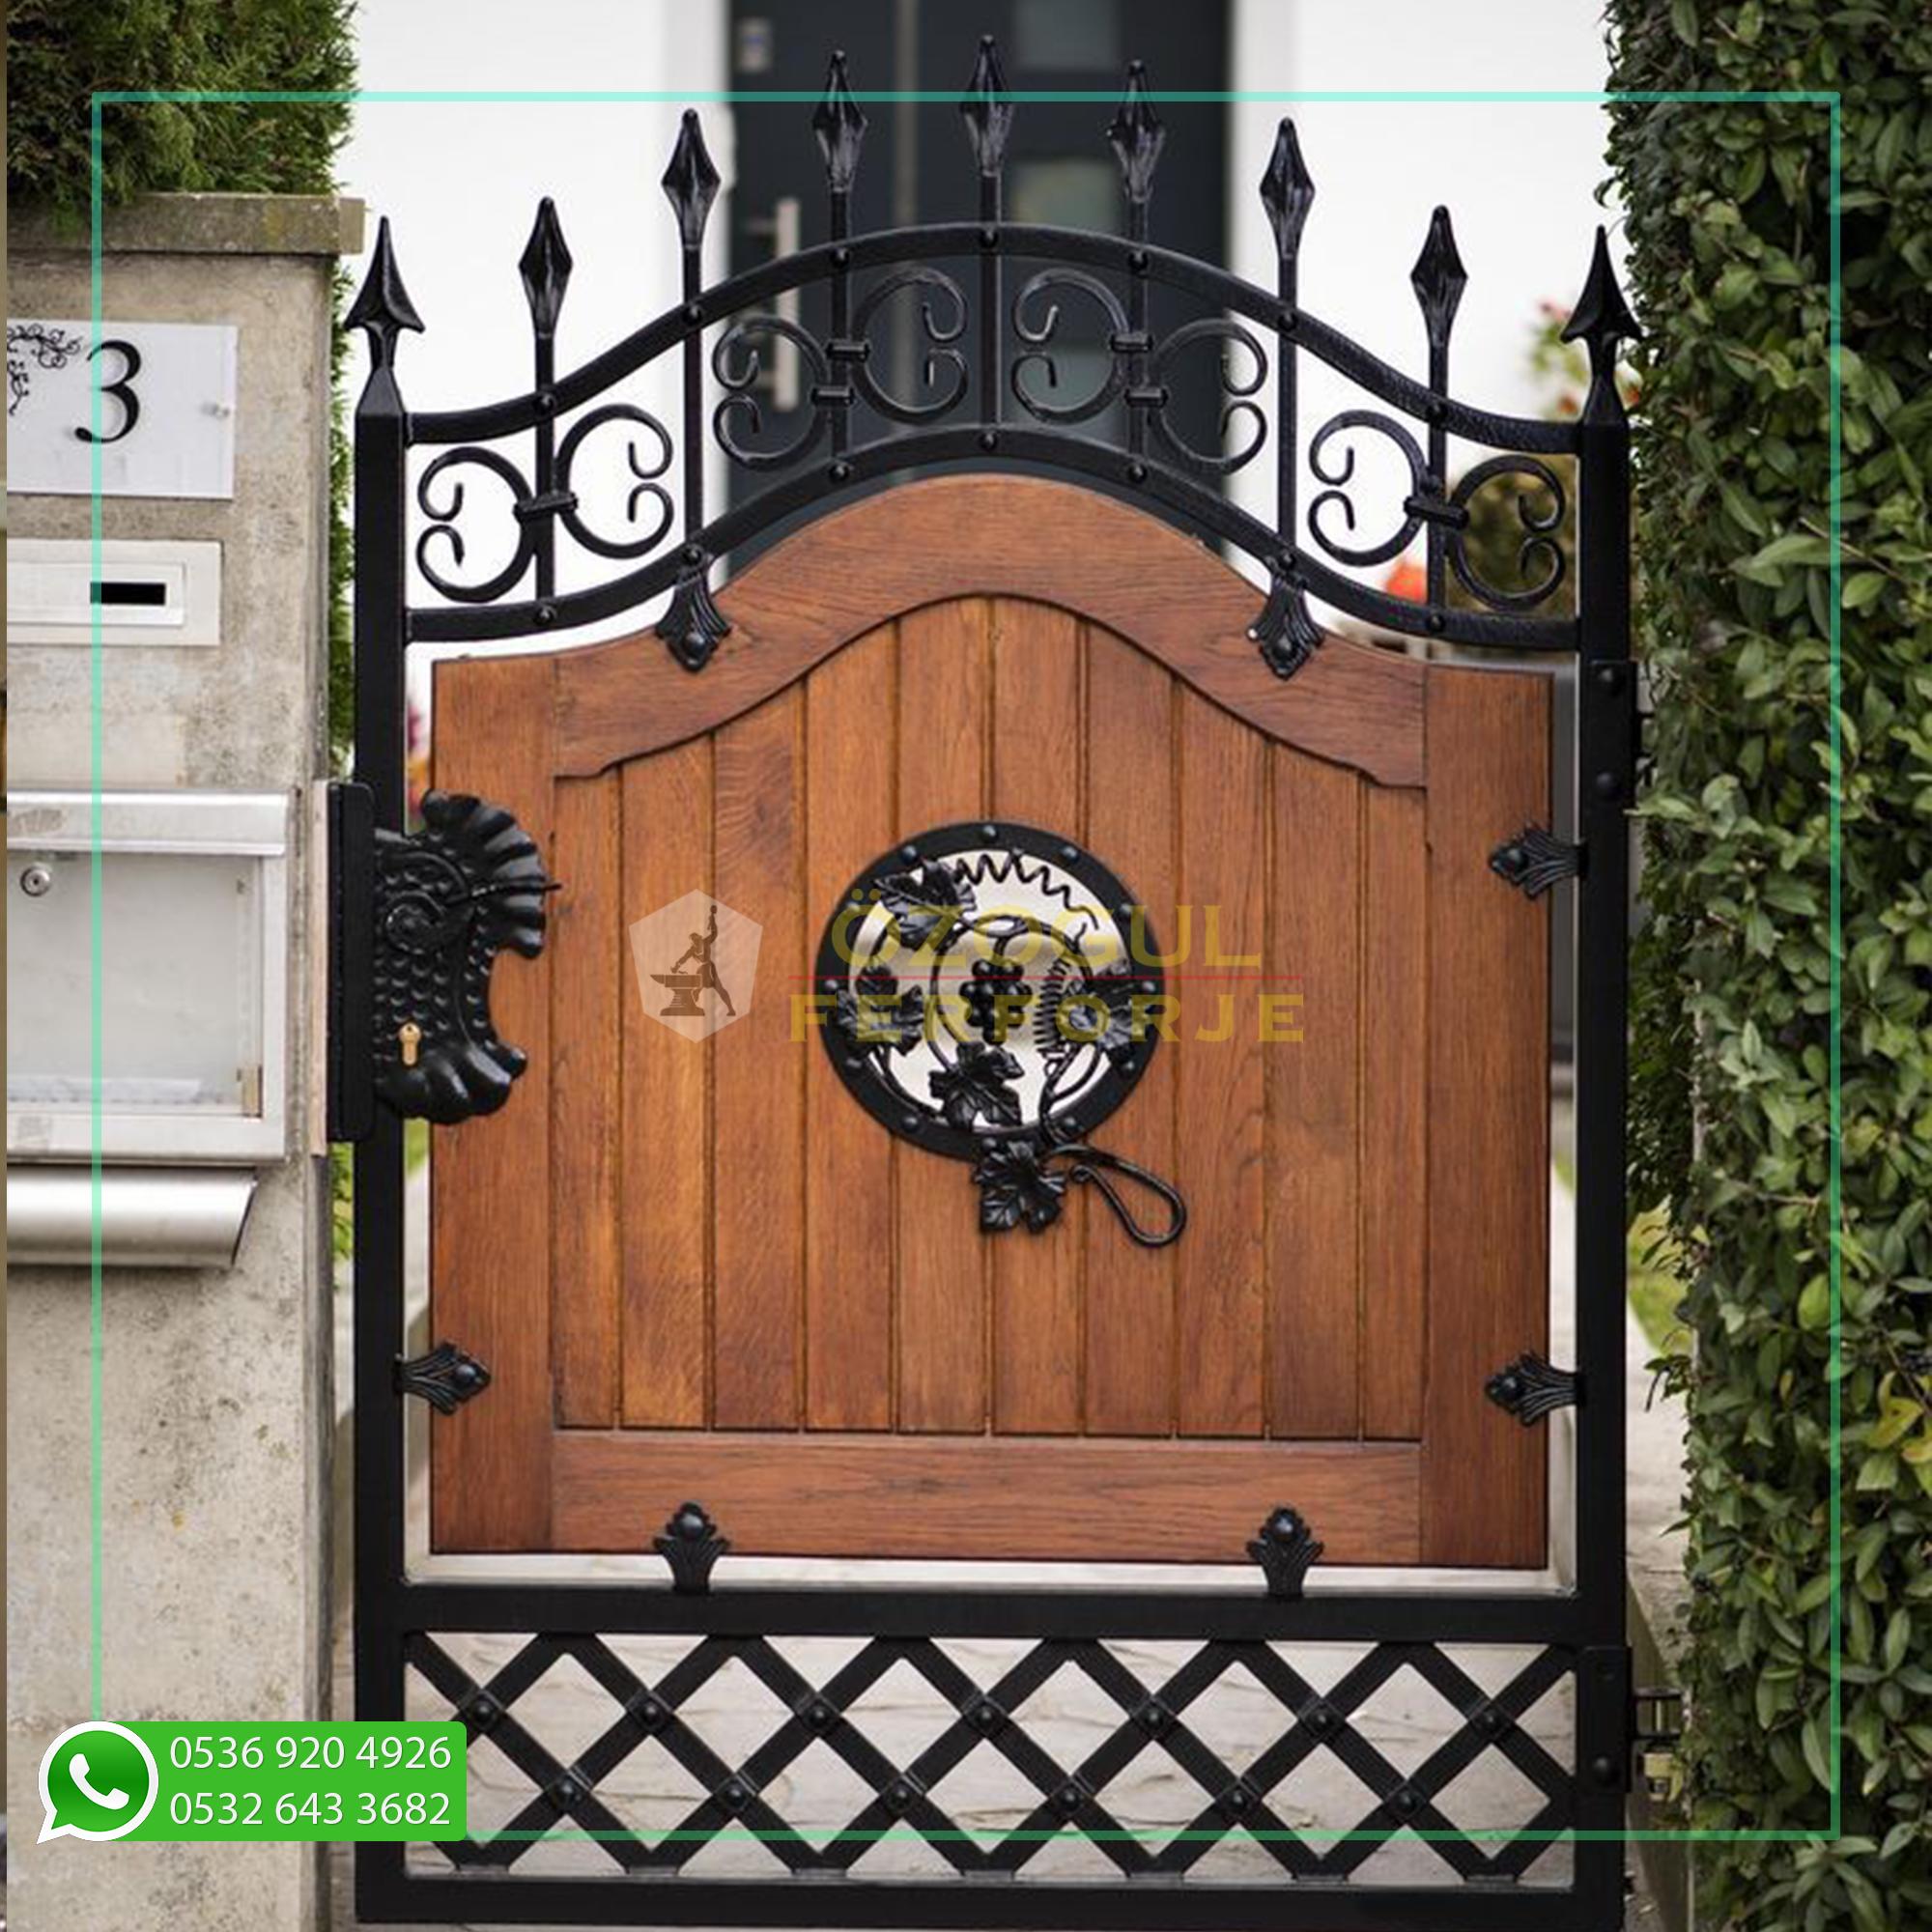 Photo of Wrought Iron Special Design Garden Gate / Wrought Iron Special Design Garden Gate